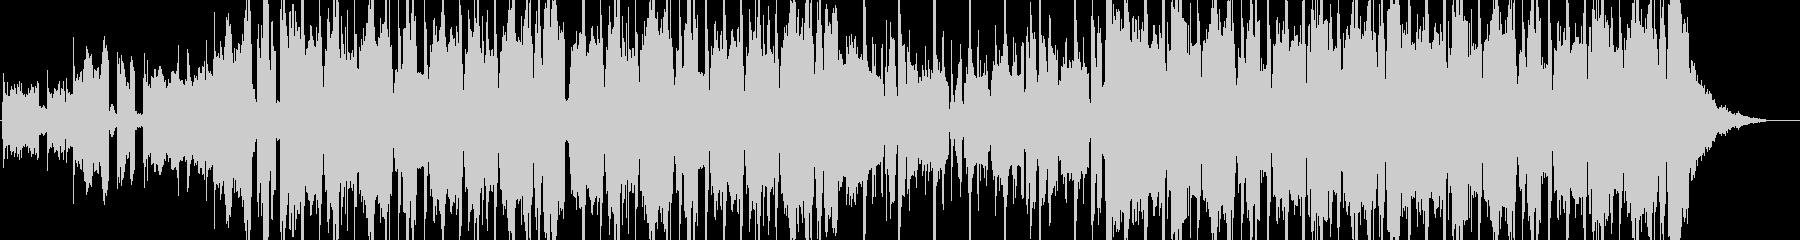 メロウなヒップホップBGMの未再生の波形